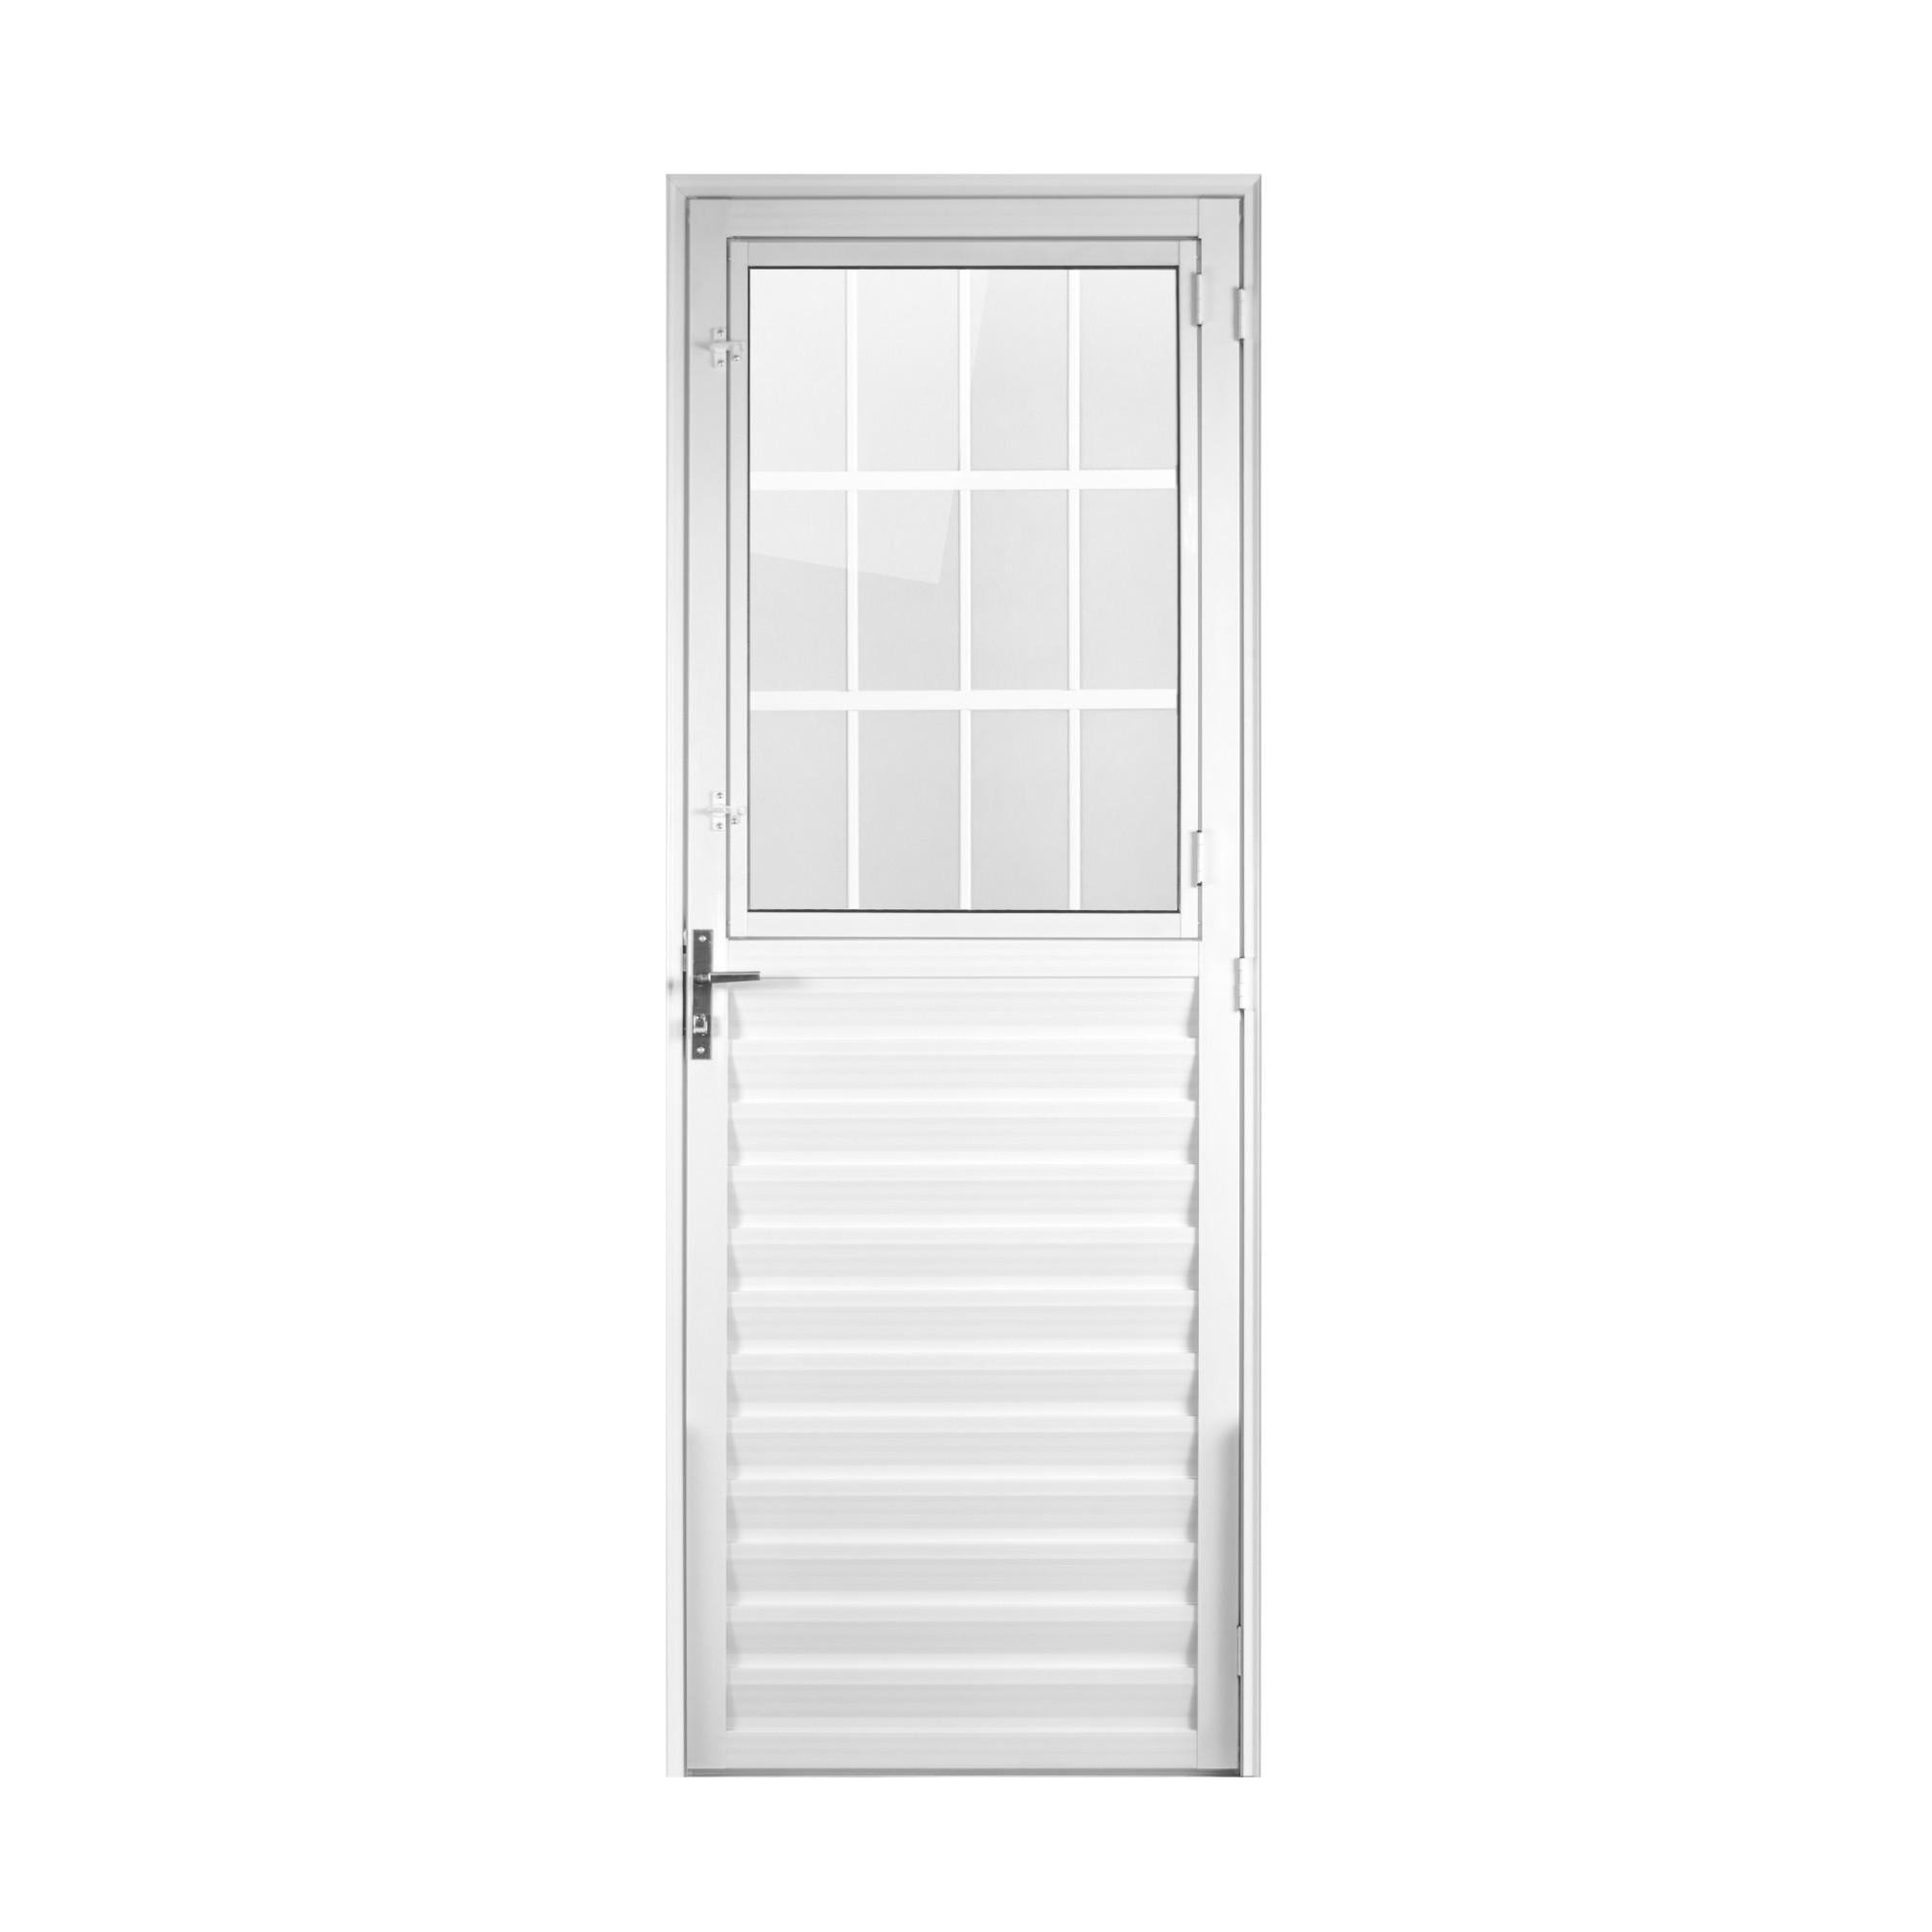 Porta de Abrir de Aluminio Postigo 210 x 80 cm Branca Lado Esquerdo - 918246 - Aluvid